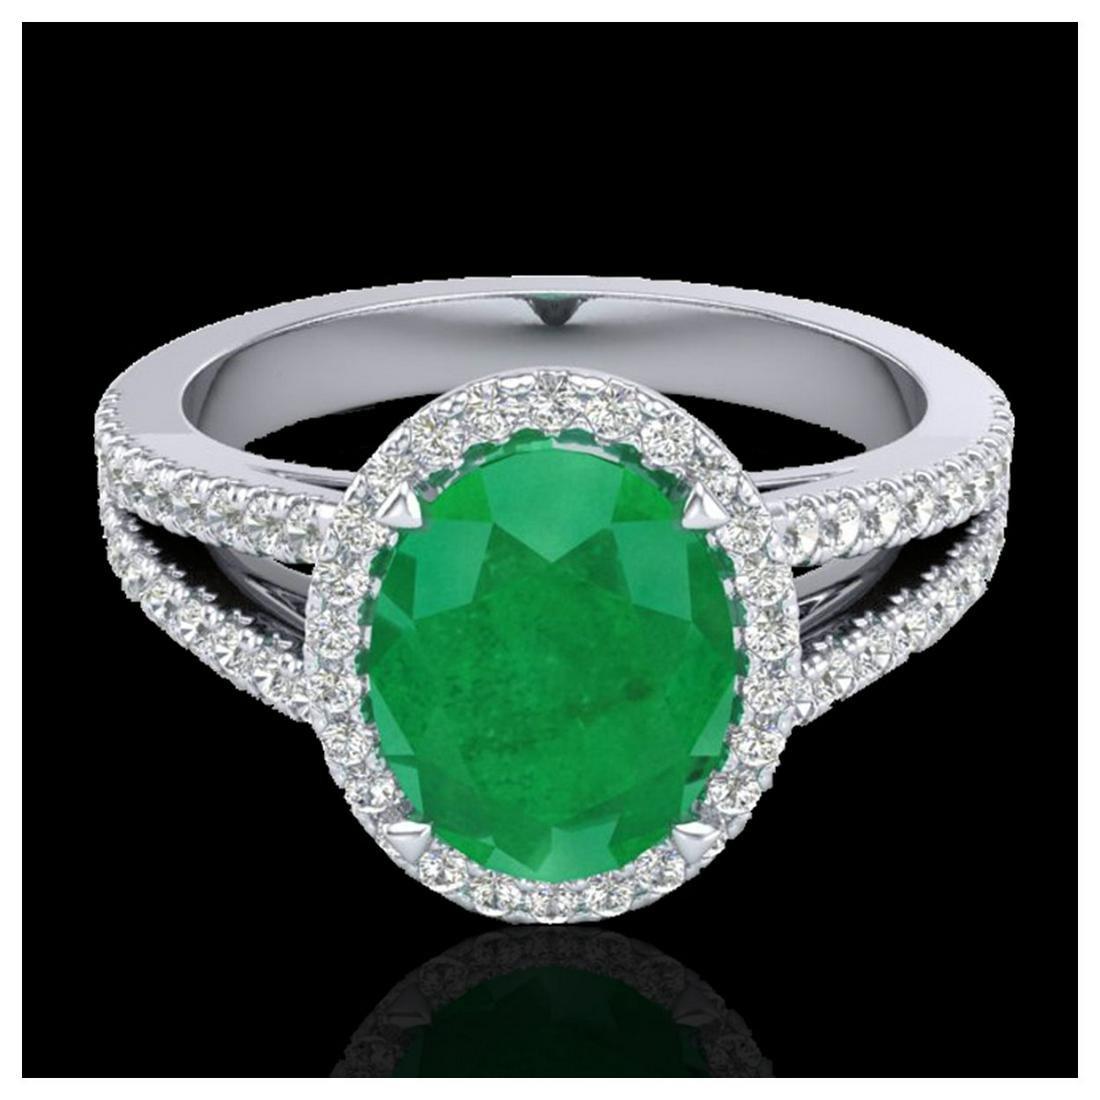 3 ctw Emerald & VS/SI Diamond Halo Solitaire Ring 18K